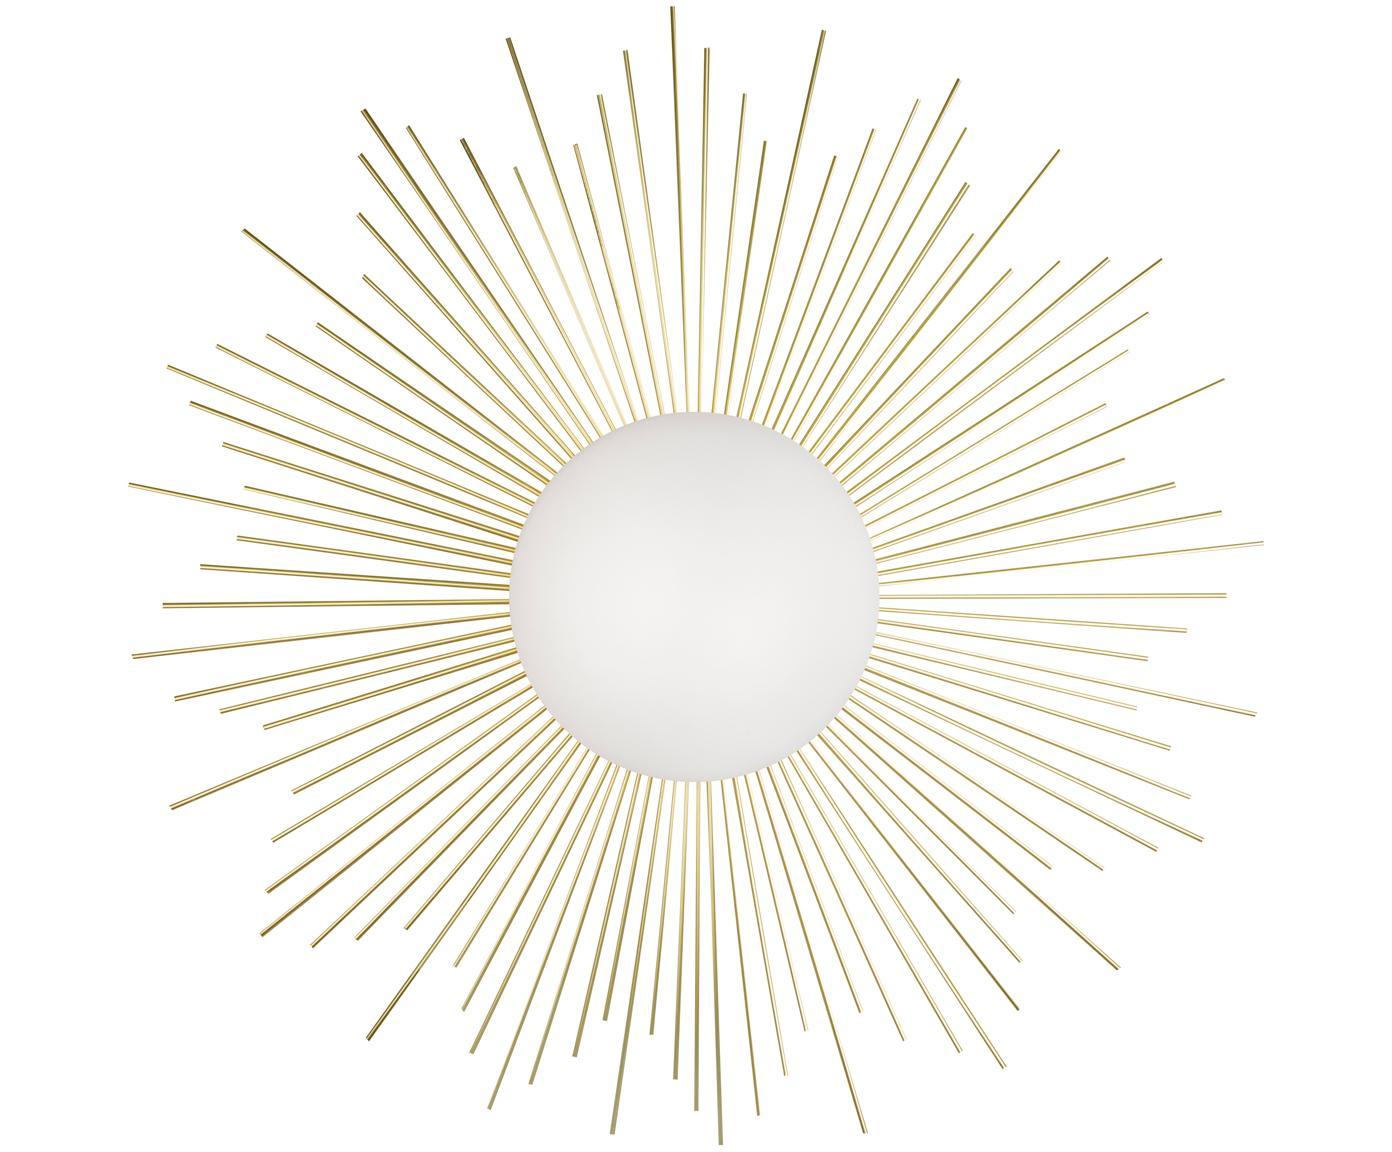 Aplique Shimy, con enchufe, Estructura: latón, Pantalla: vidrio, Latón, blanco, Ø 56 x F 11 cm